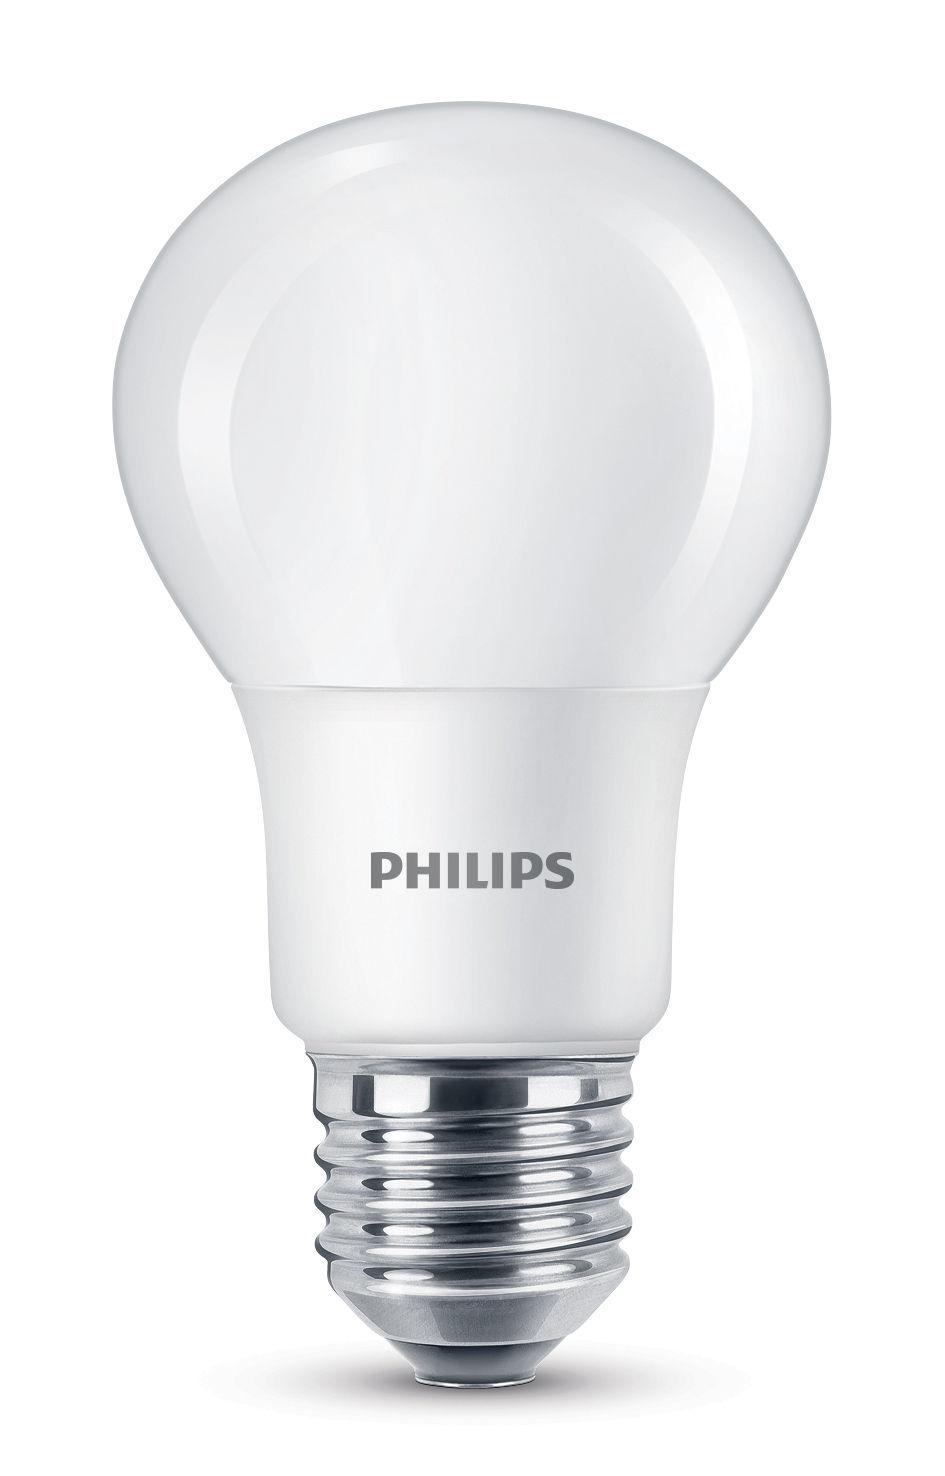 Luminaire - Ampoules et accessoires - Ampoule LED E27 Standard Dépolie / 7,5W (60W) - 806 lumen - Philips - 7,5W (60W) - Métal, Verre dépoli